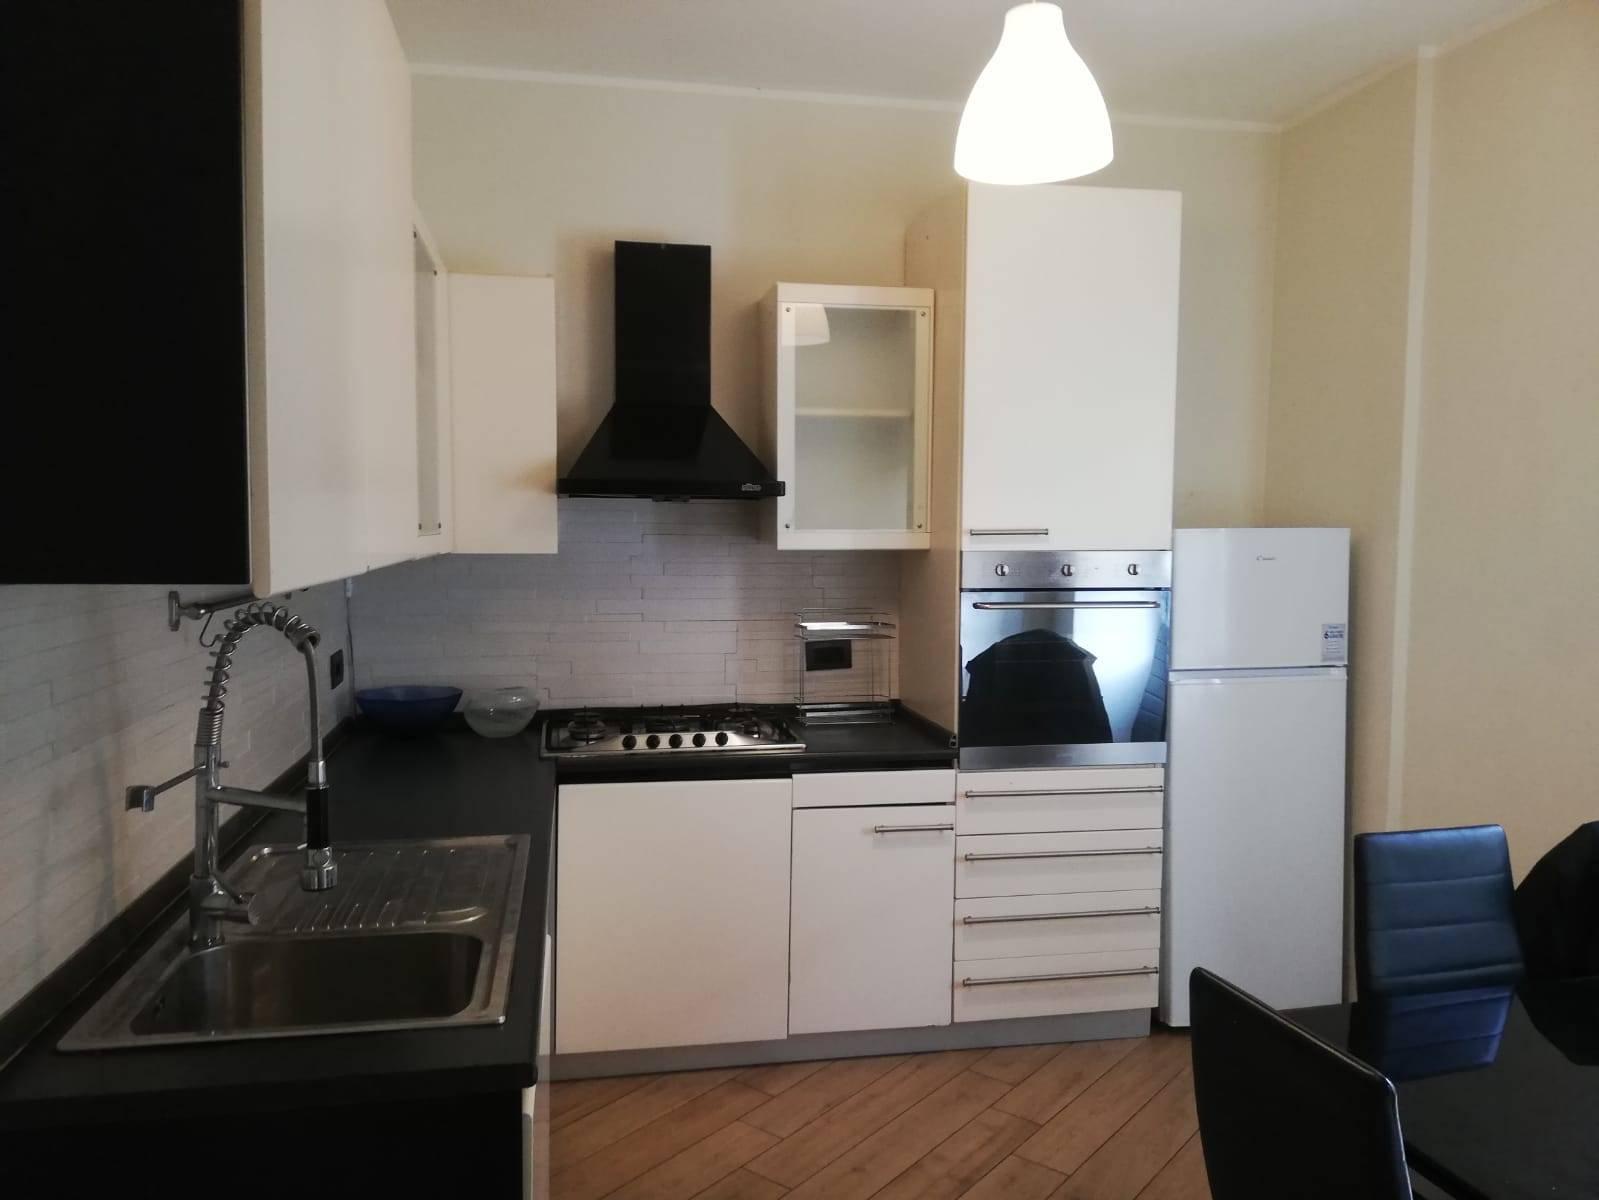 Appartamento in affitto a Ortovero, 2 locali, zona Zona: Pogli, prezzo € 500 | CambioCasa.it